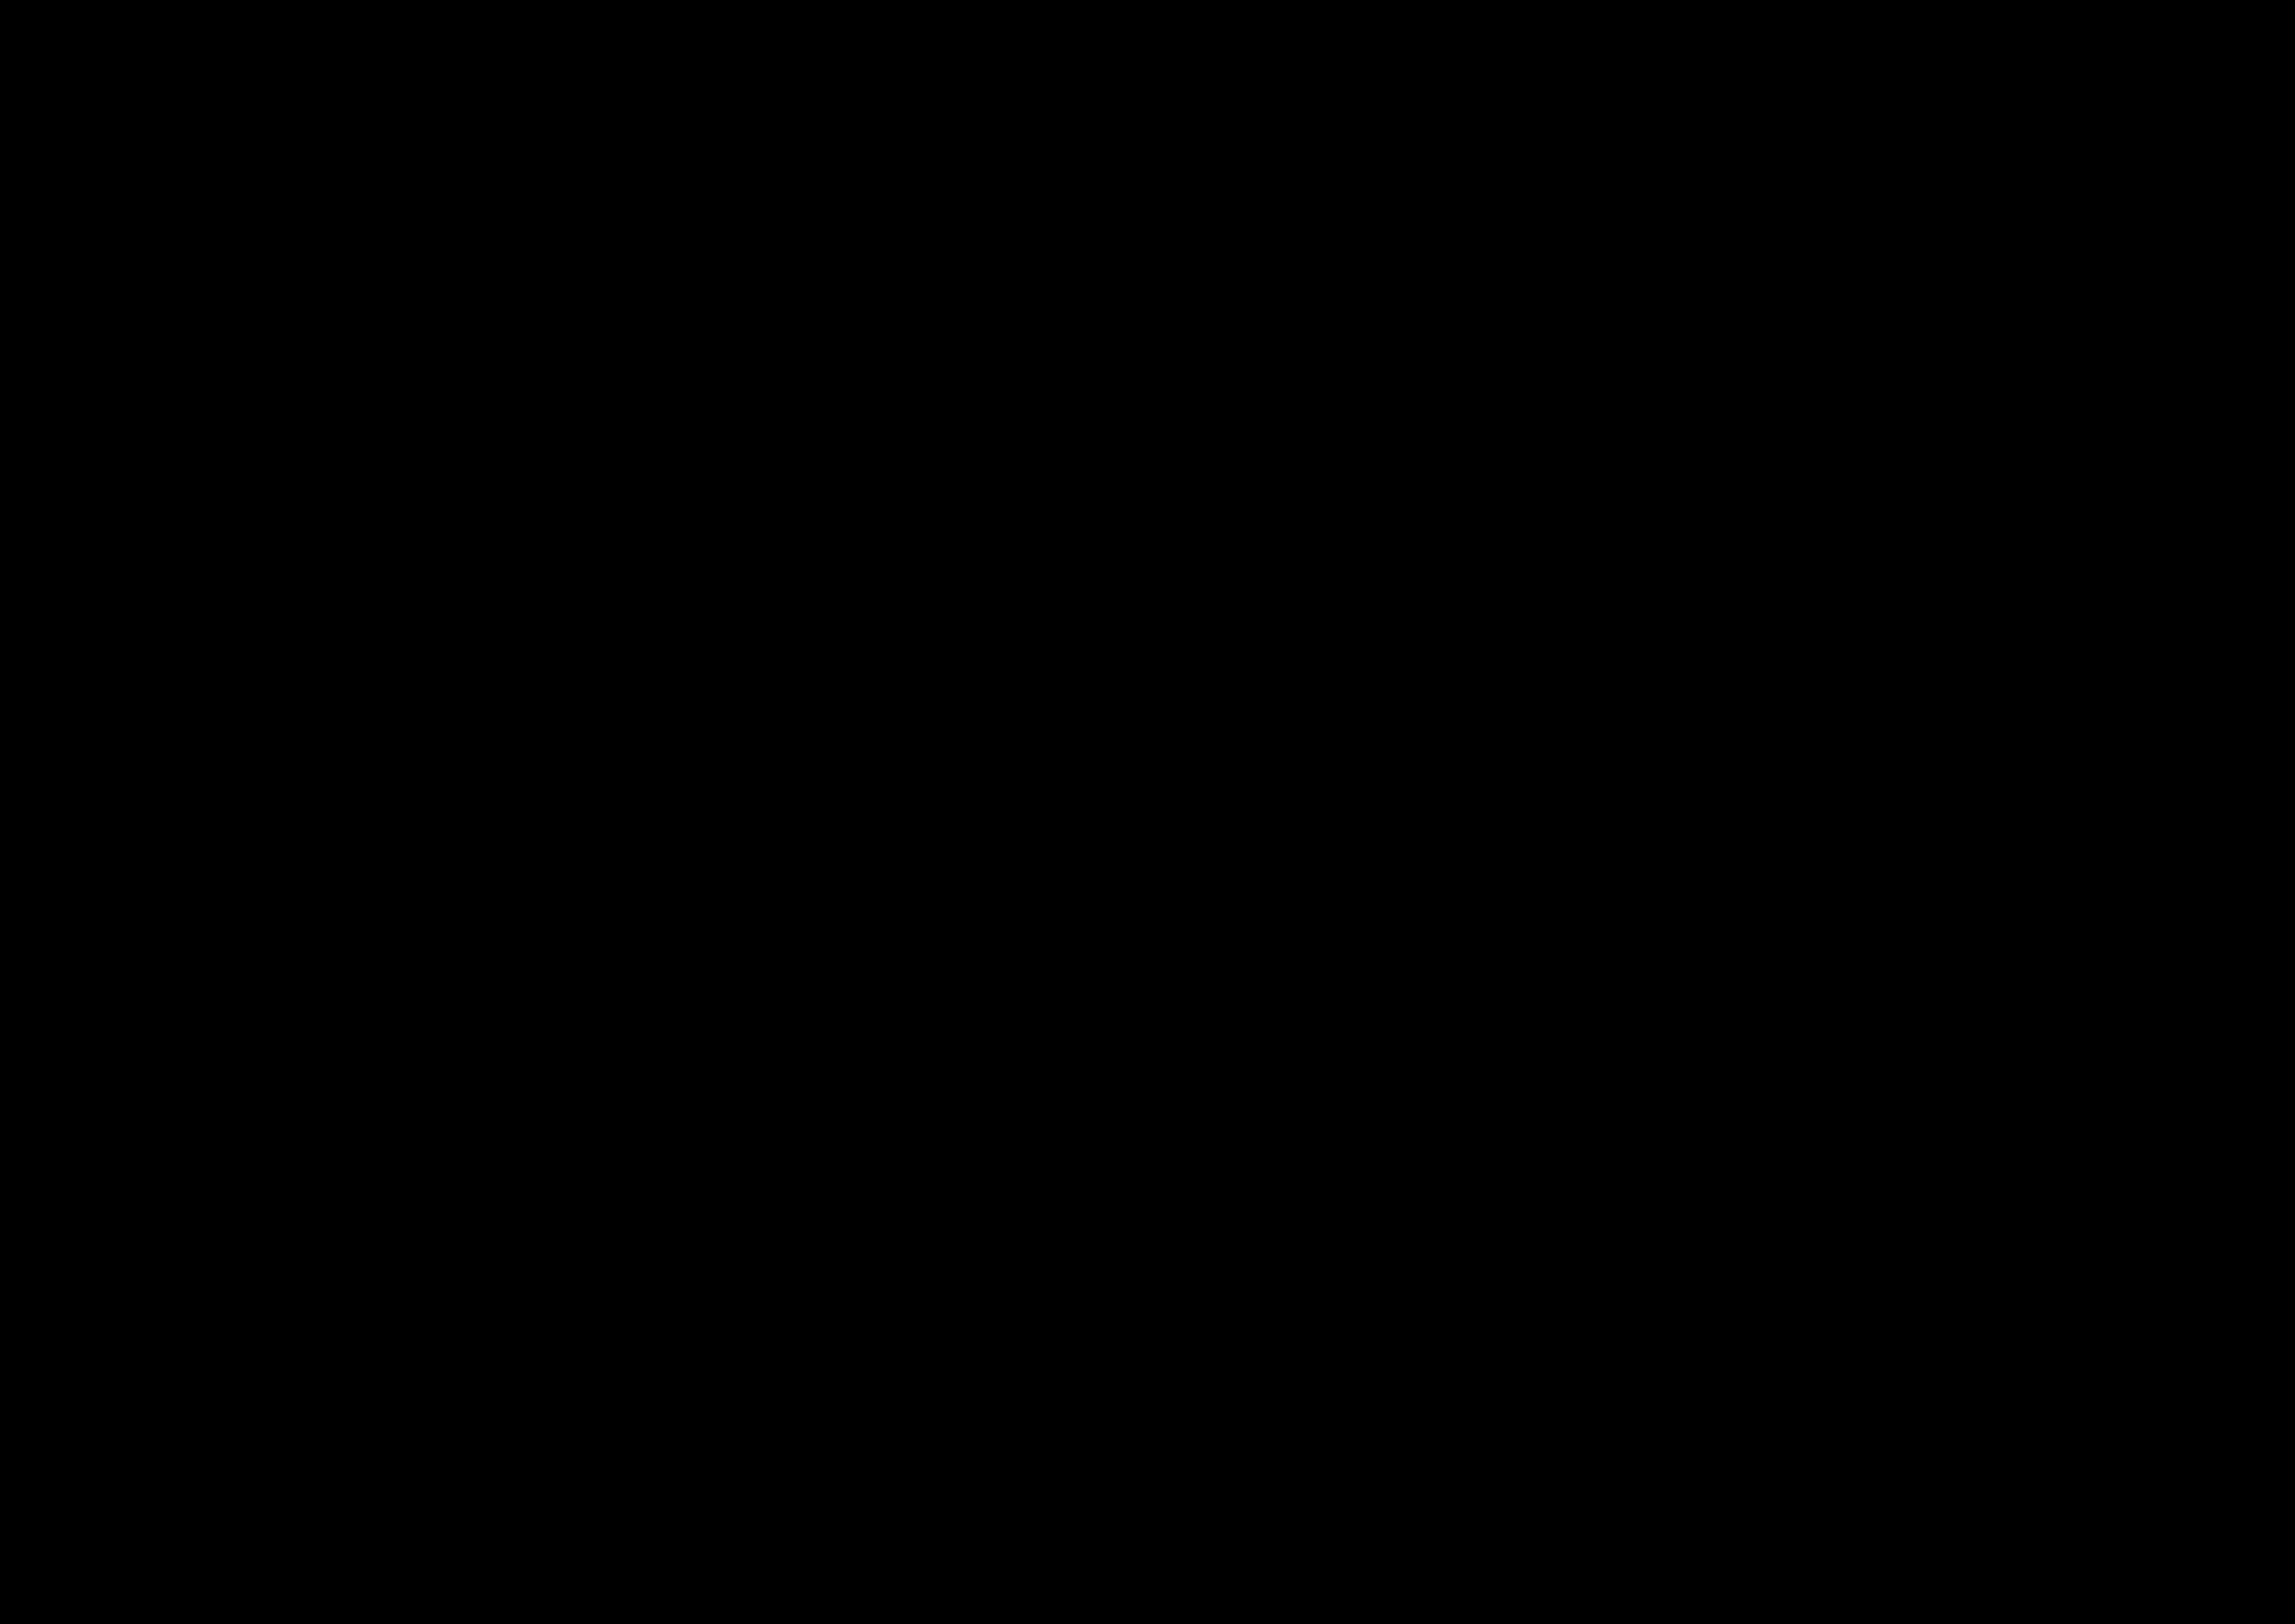 magyarország térkép 1944 Kanadai Magyar Hírlap – A Holokauszt Magyarországi Áldozatainak  magyarország térkép 1944